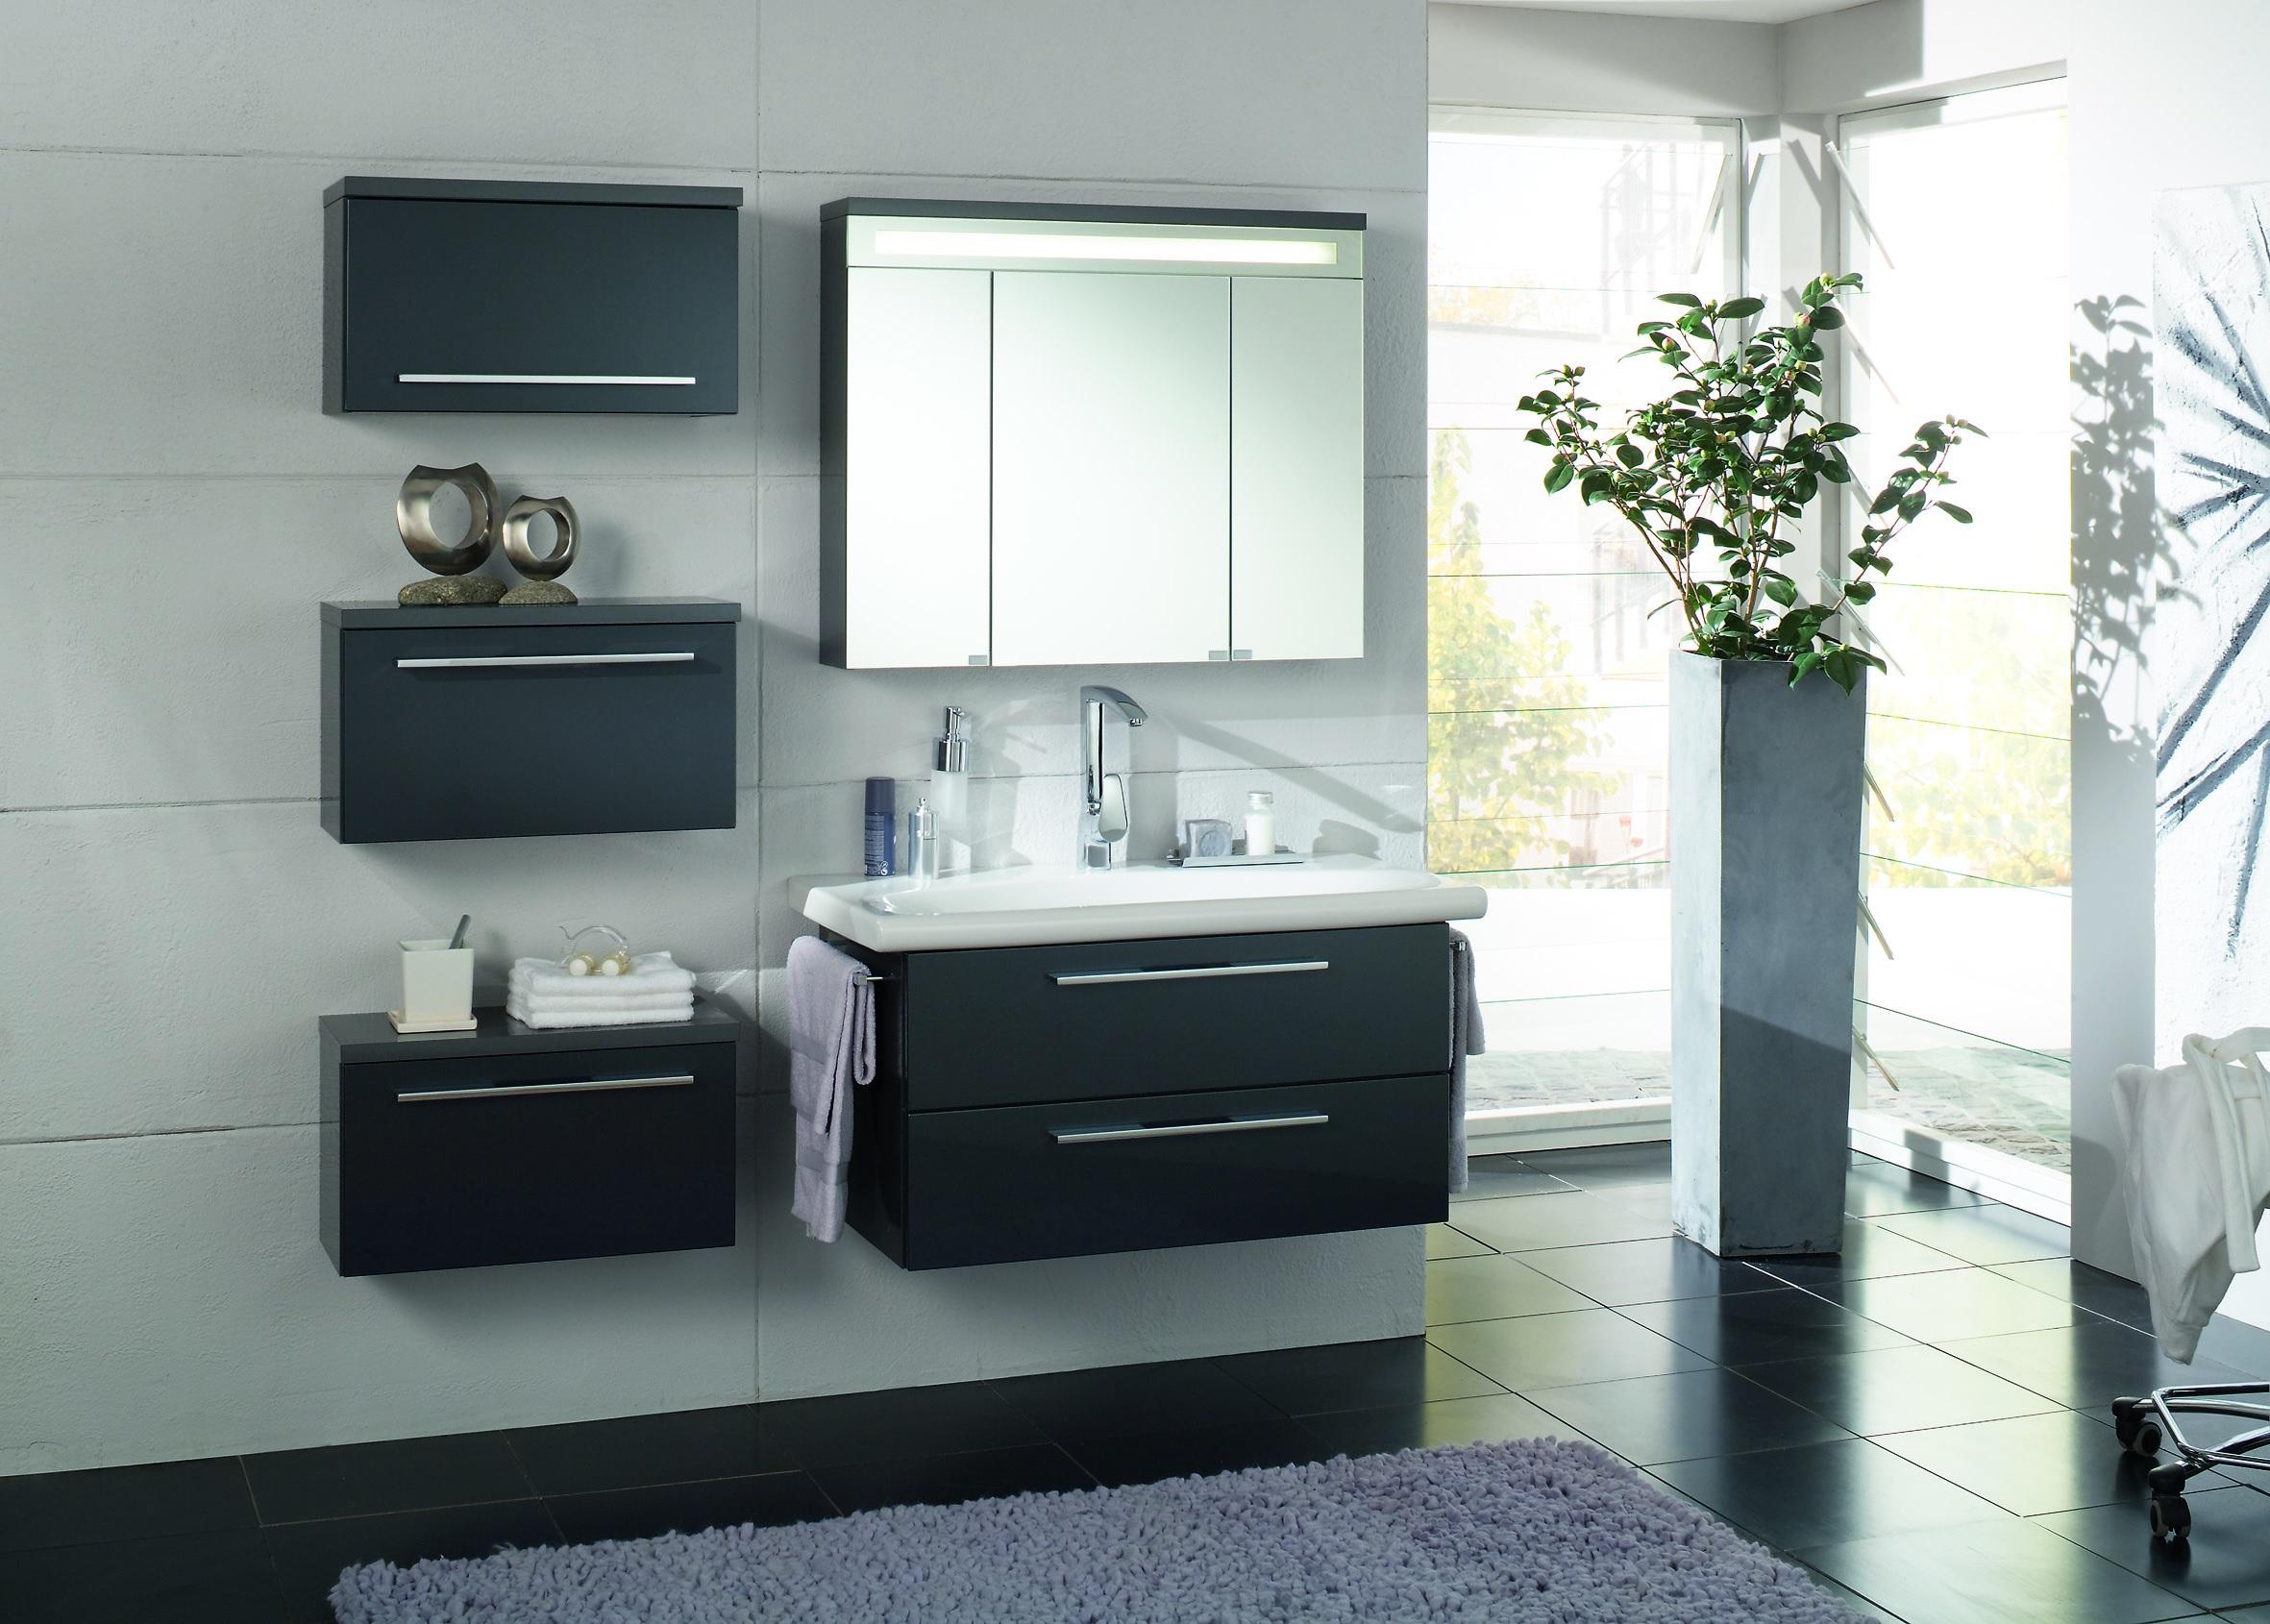 Функциональность это ключевое но не единственное преимущества использования мебели в ванной